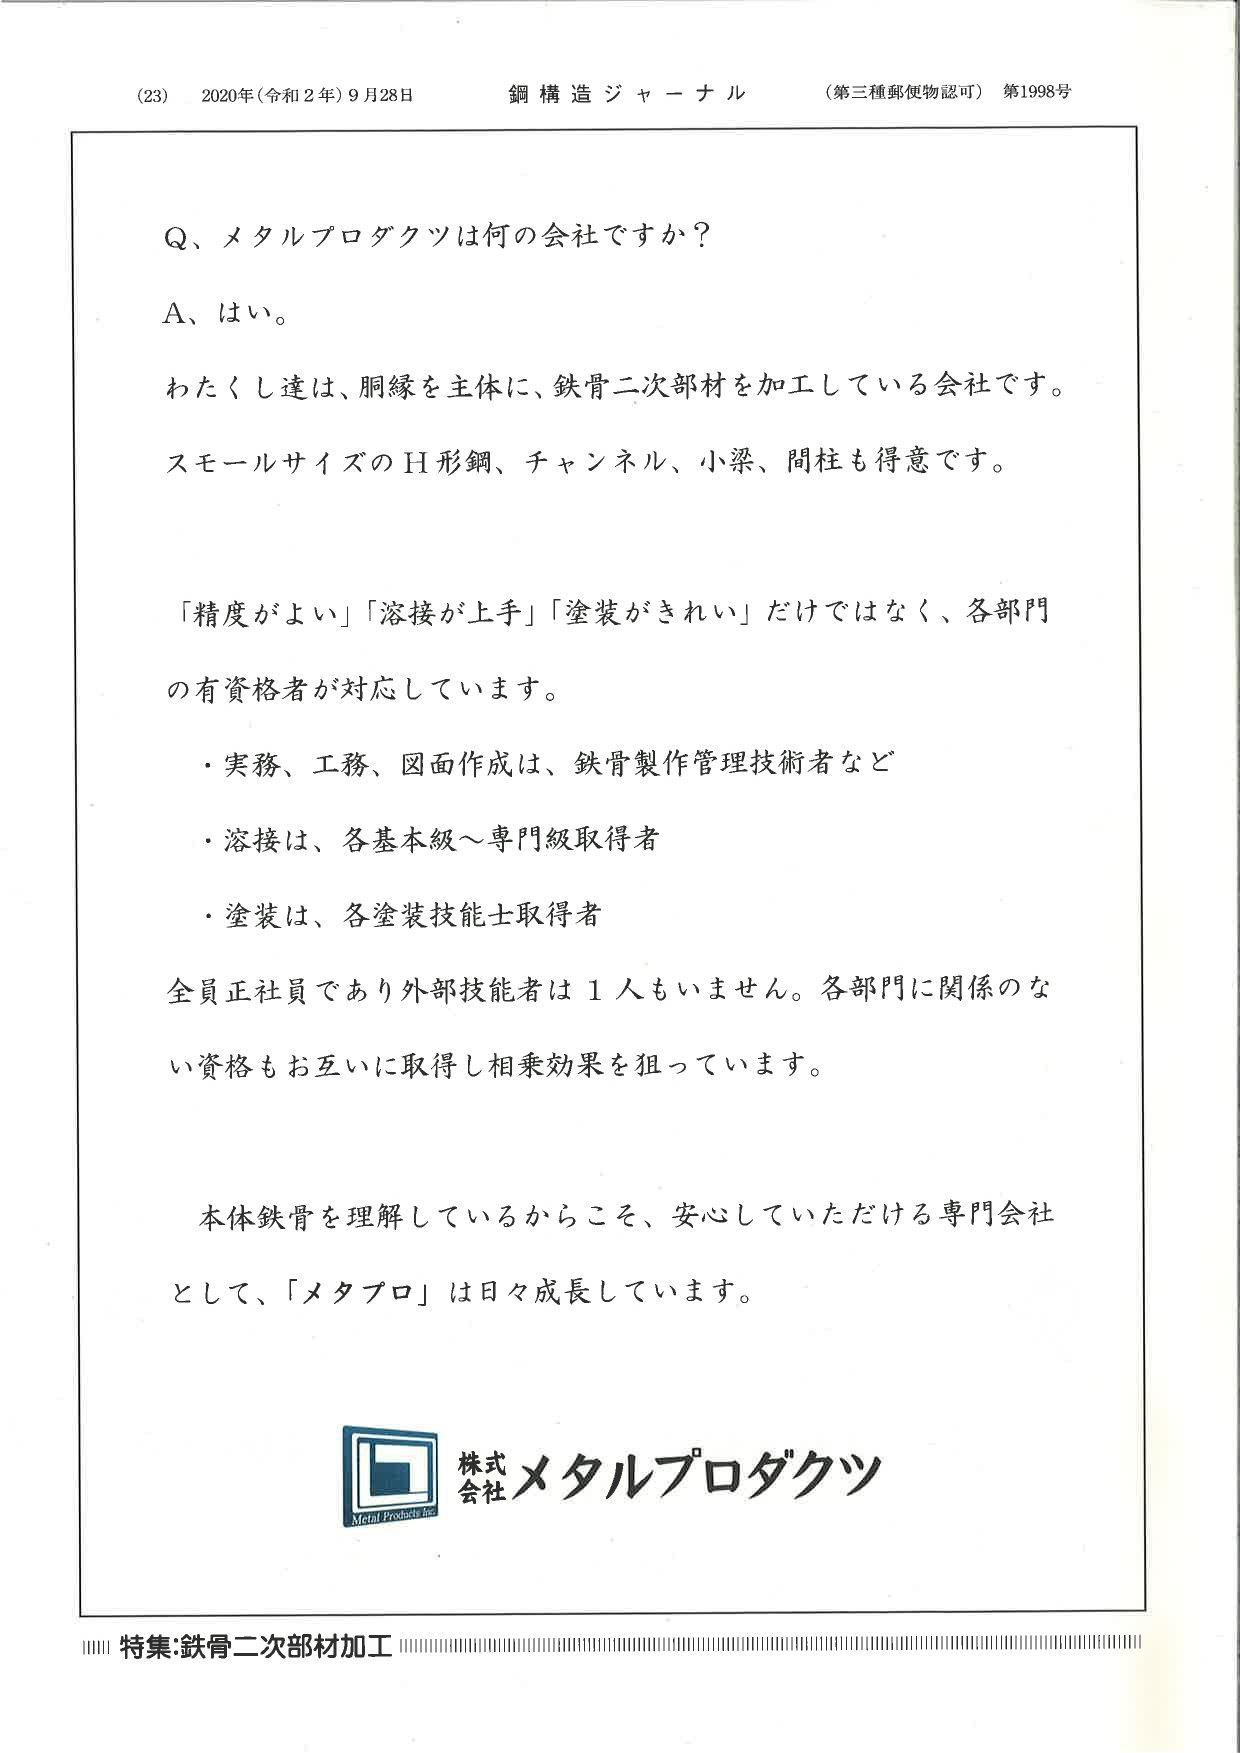 200928鋼構造ジャーナル様①_page-0001.jpg